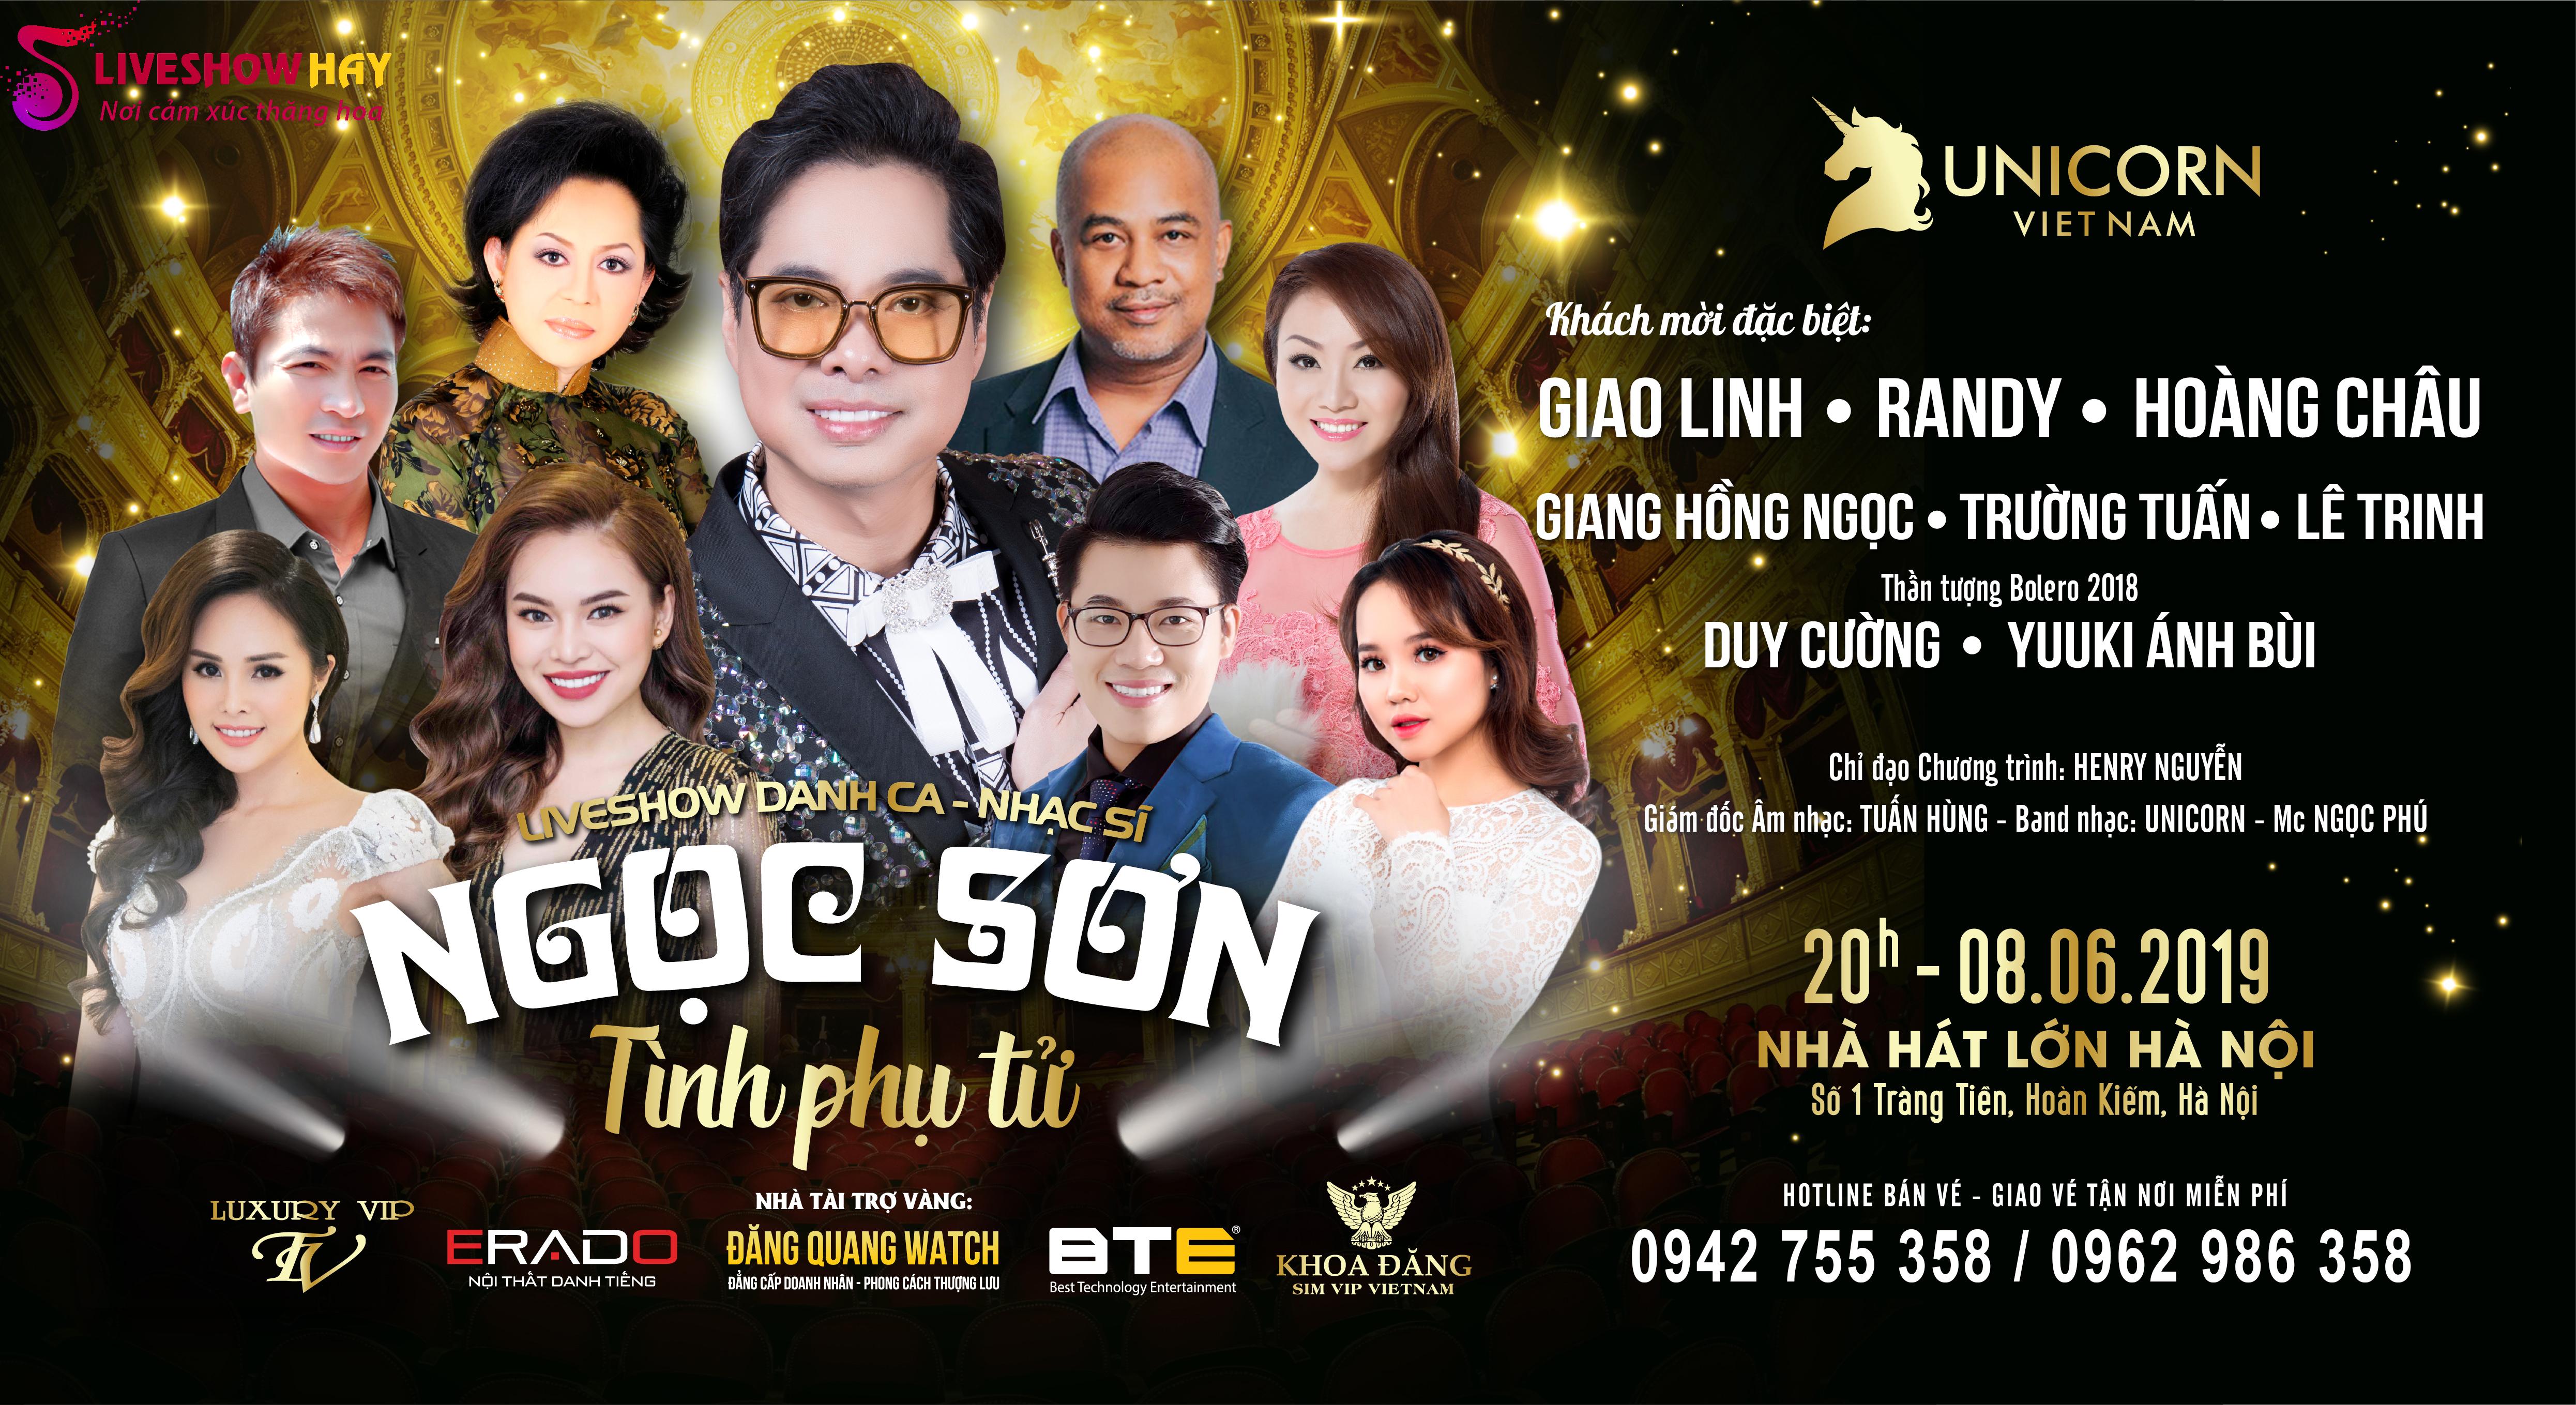 Liveshow Ngọc Sơn, Tình Phụ Tử